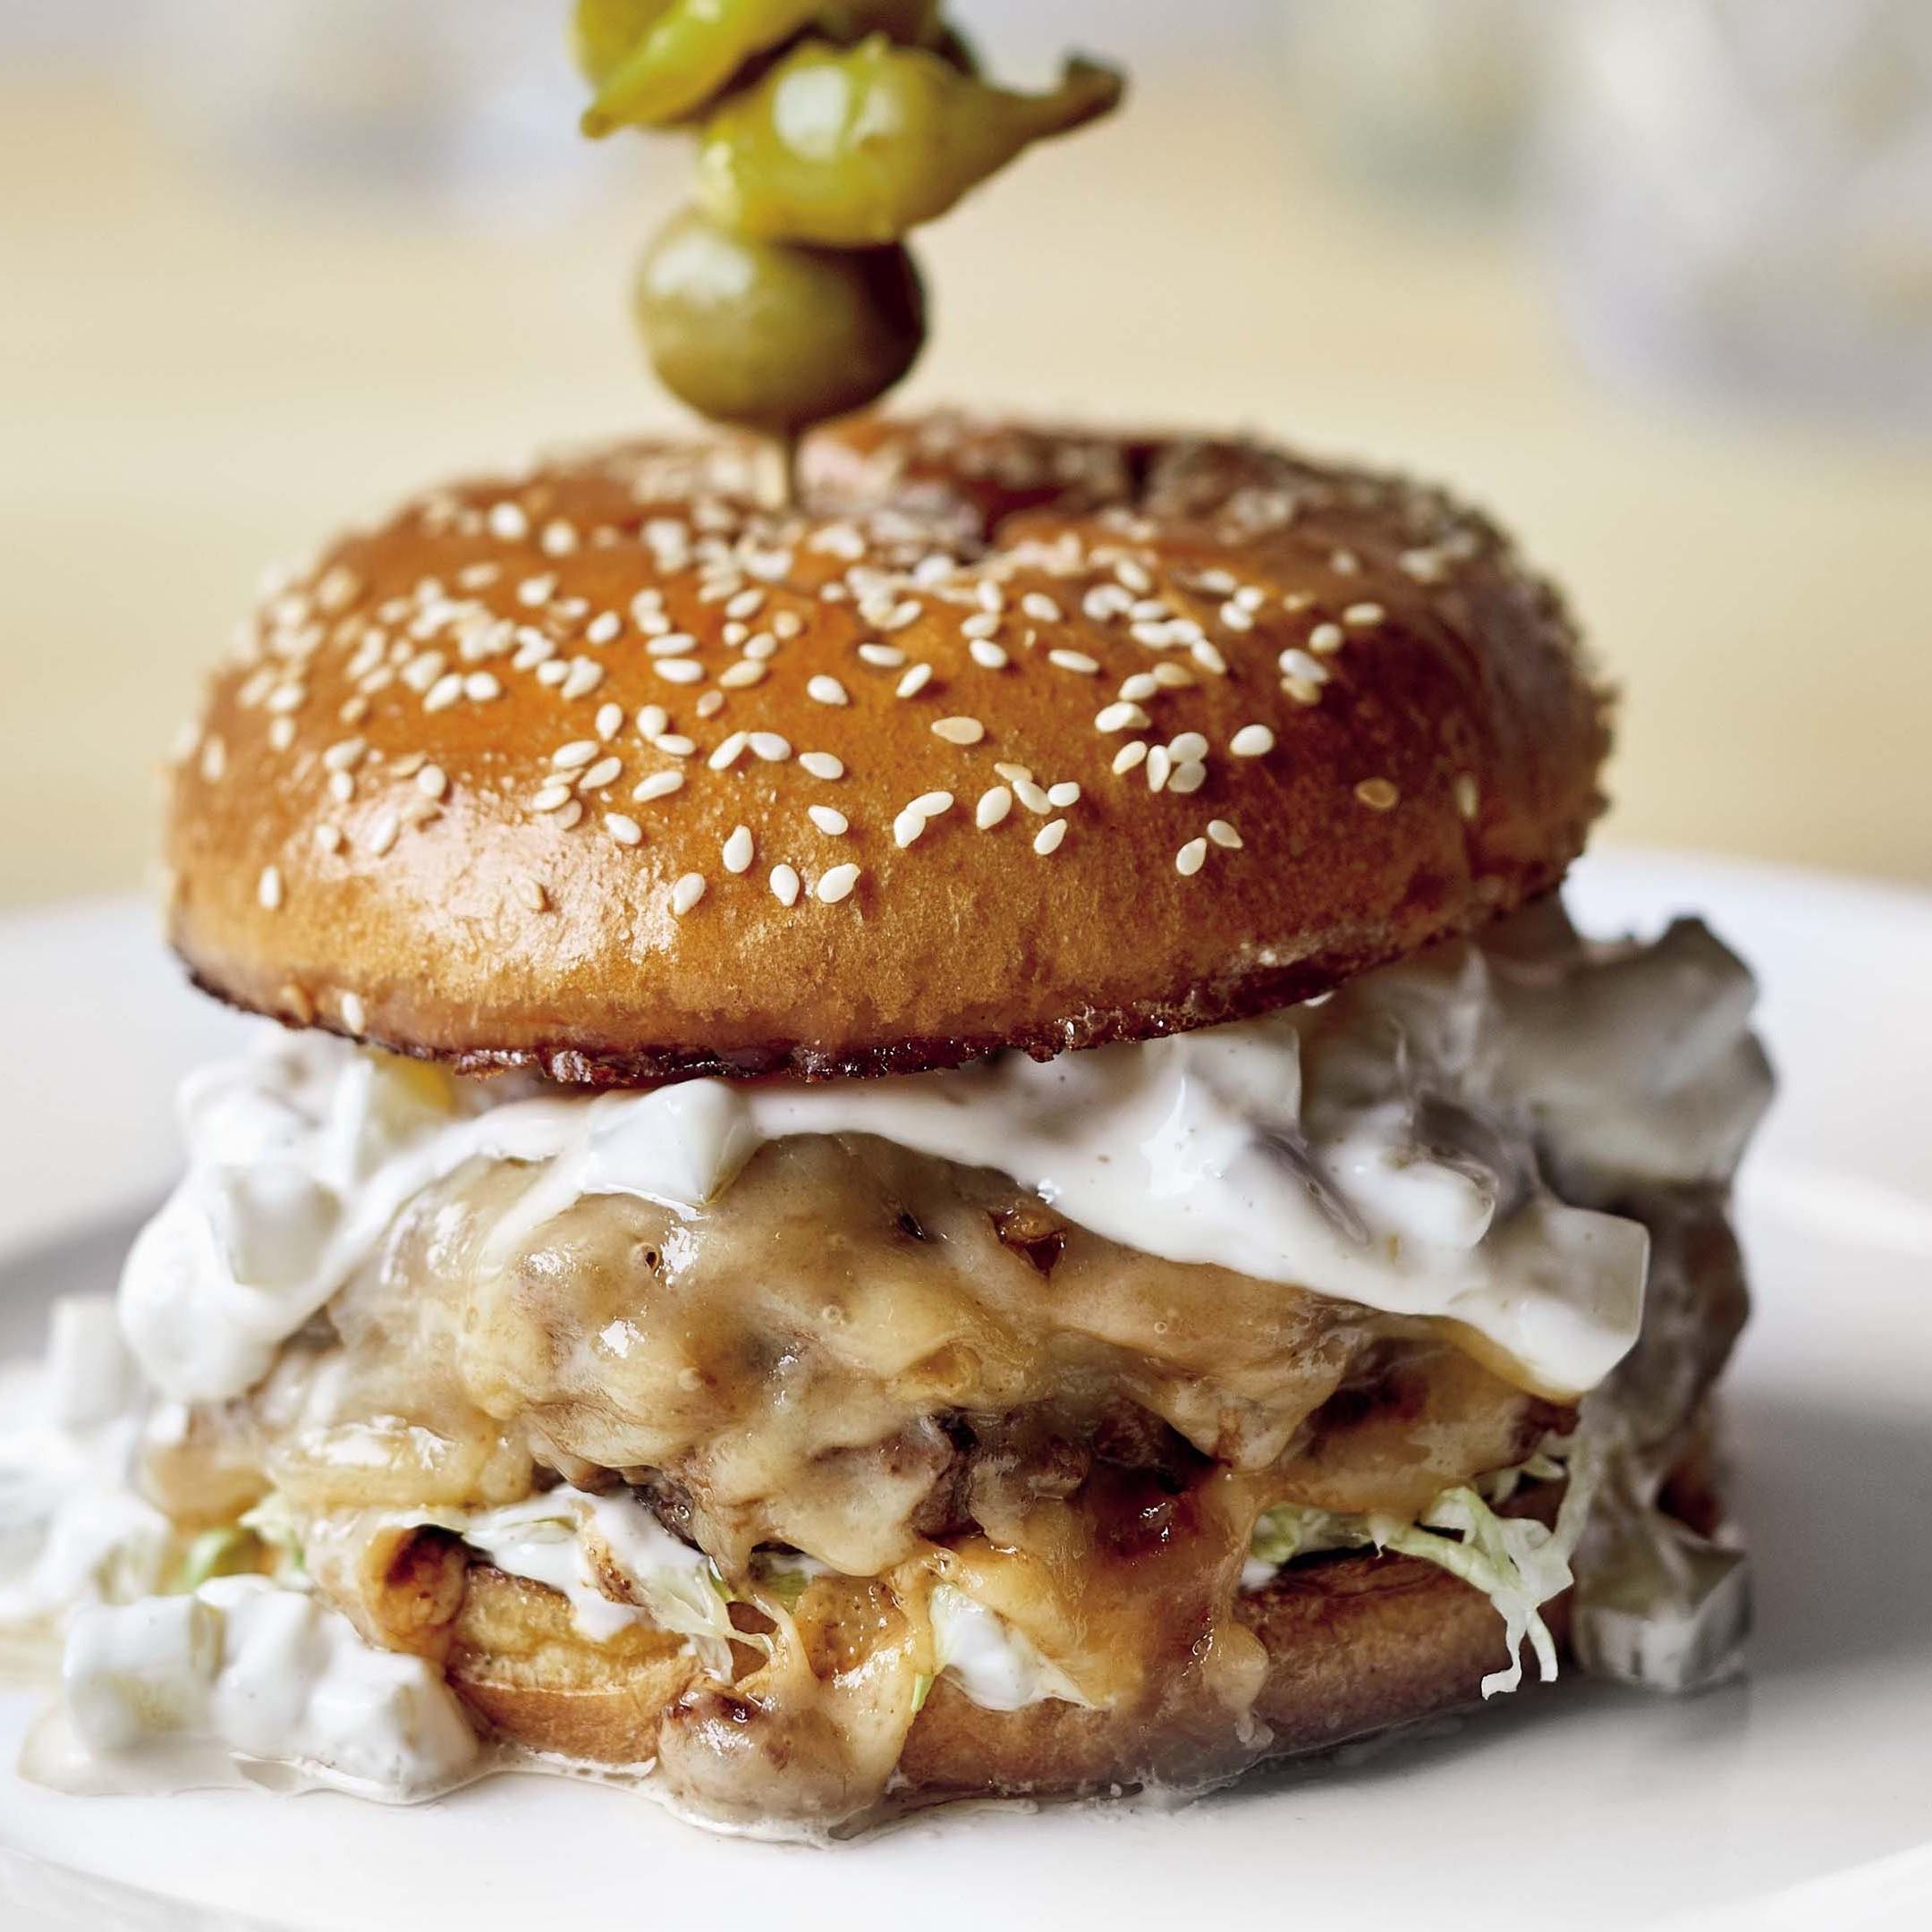 Pablo emilio burger bar